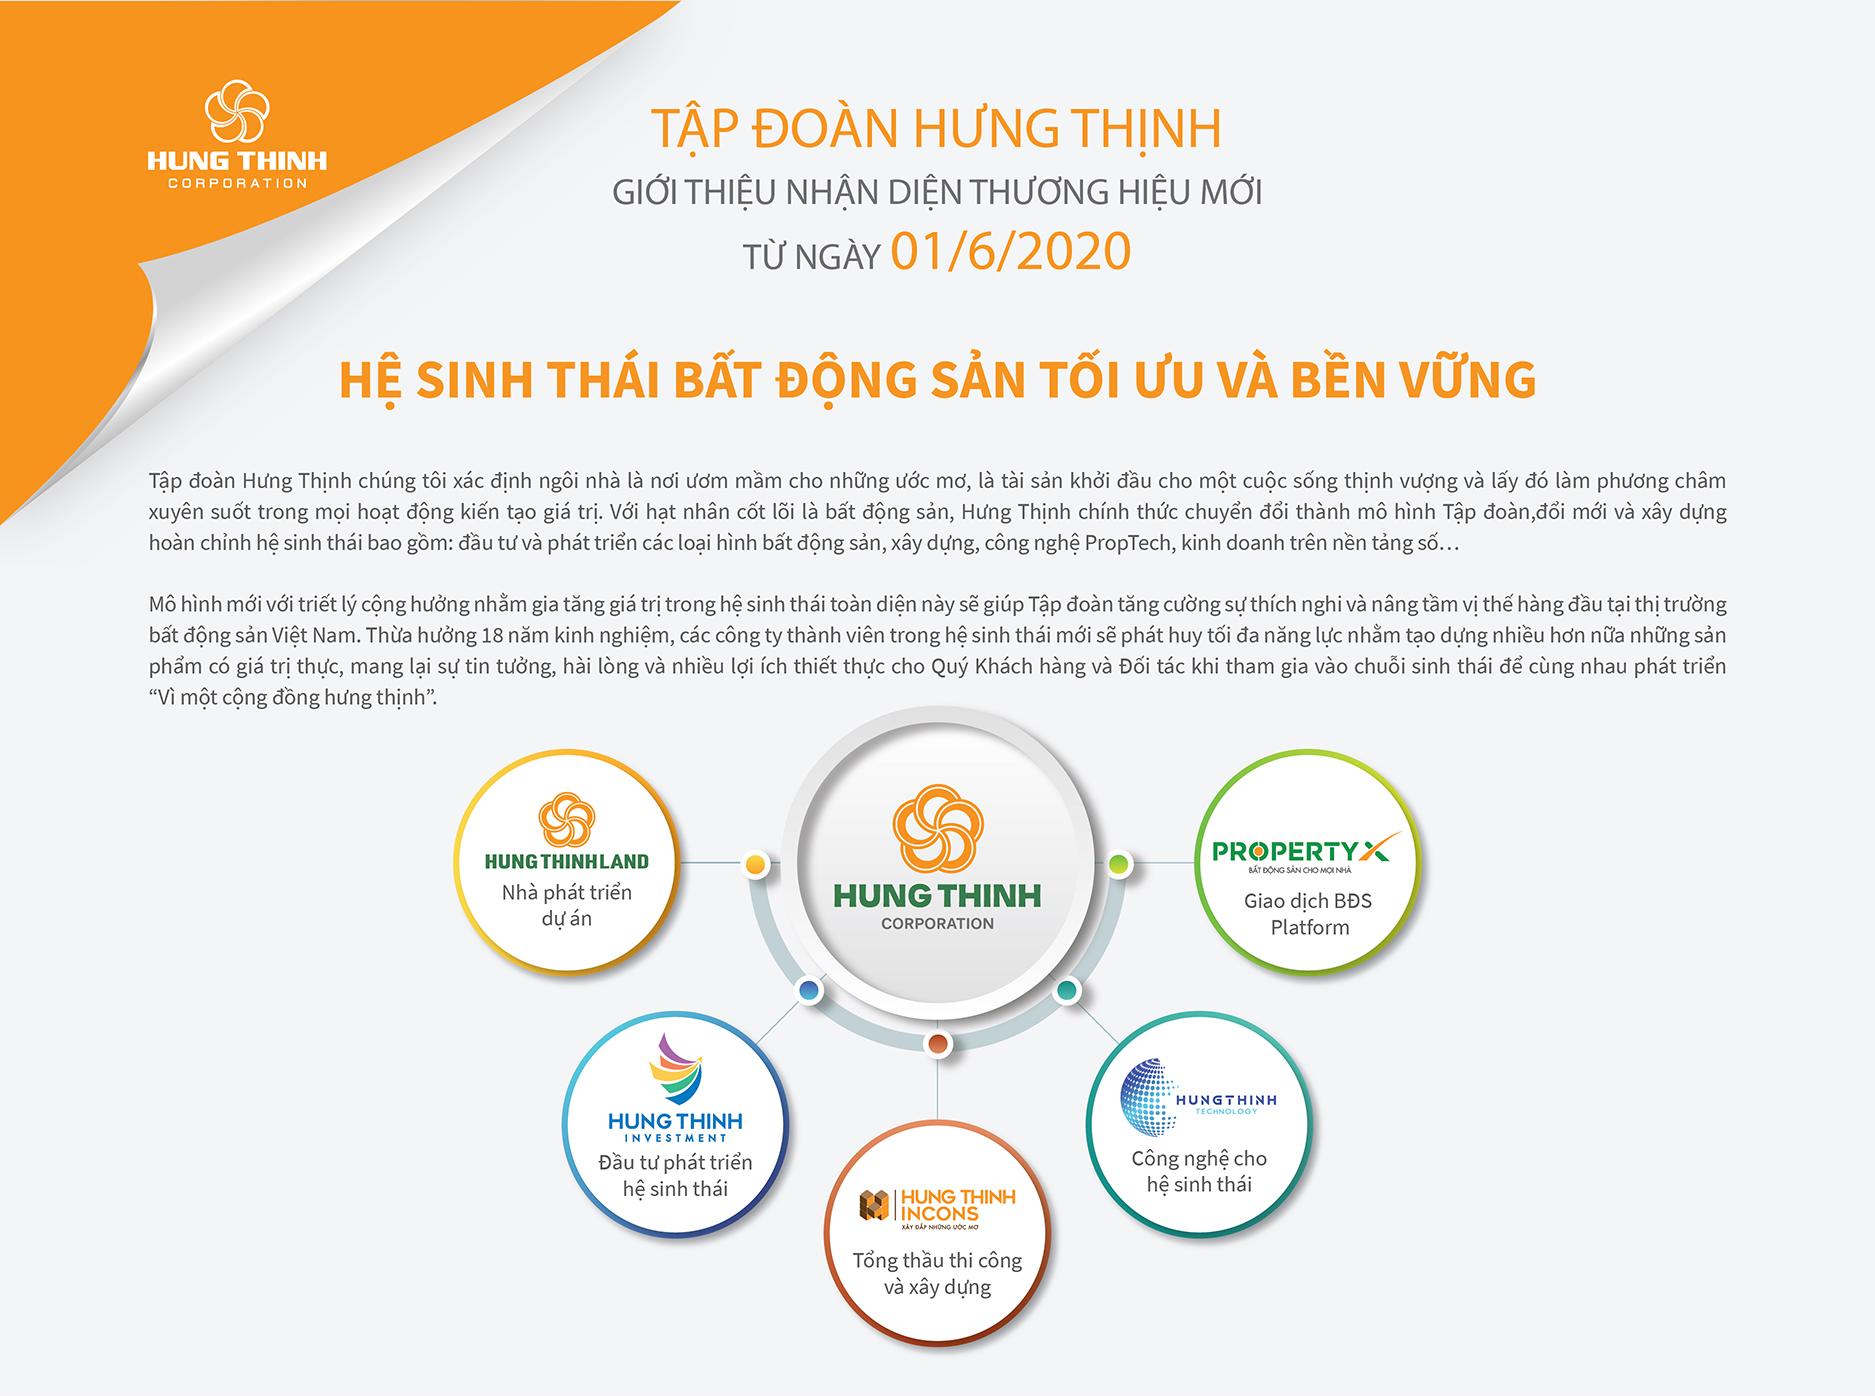 Hệ sinh thái tối ưu và bên vững của Tập đoàn Hưng Thịnh